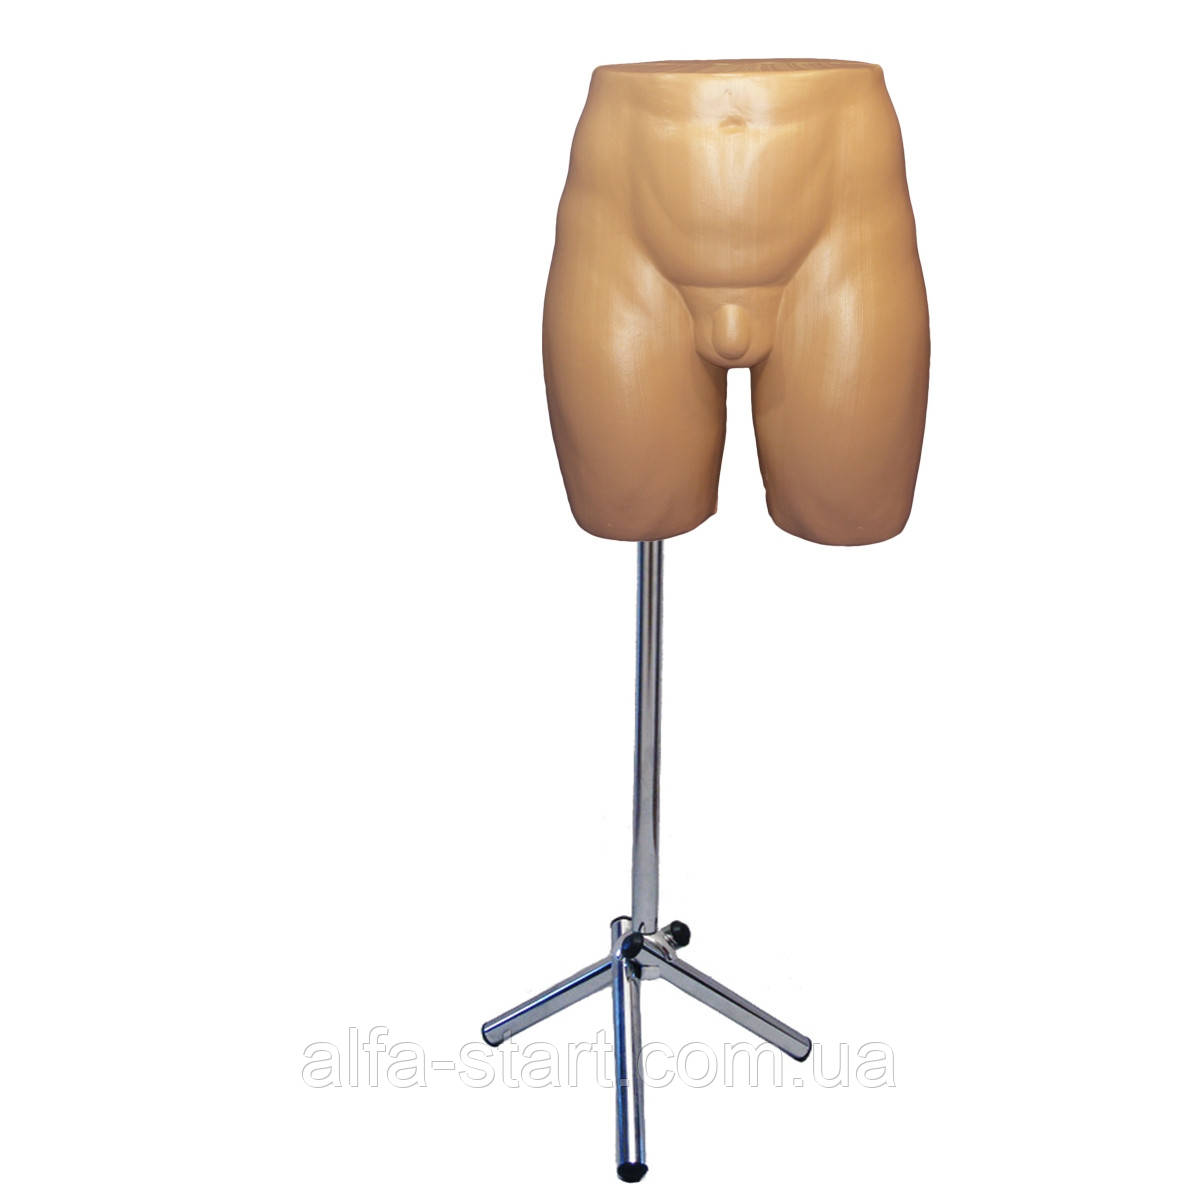 Манекен чоловічі ноги-стегна (сідниці) тілесного кольору на ніжці-підставці